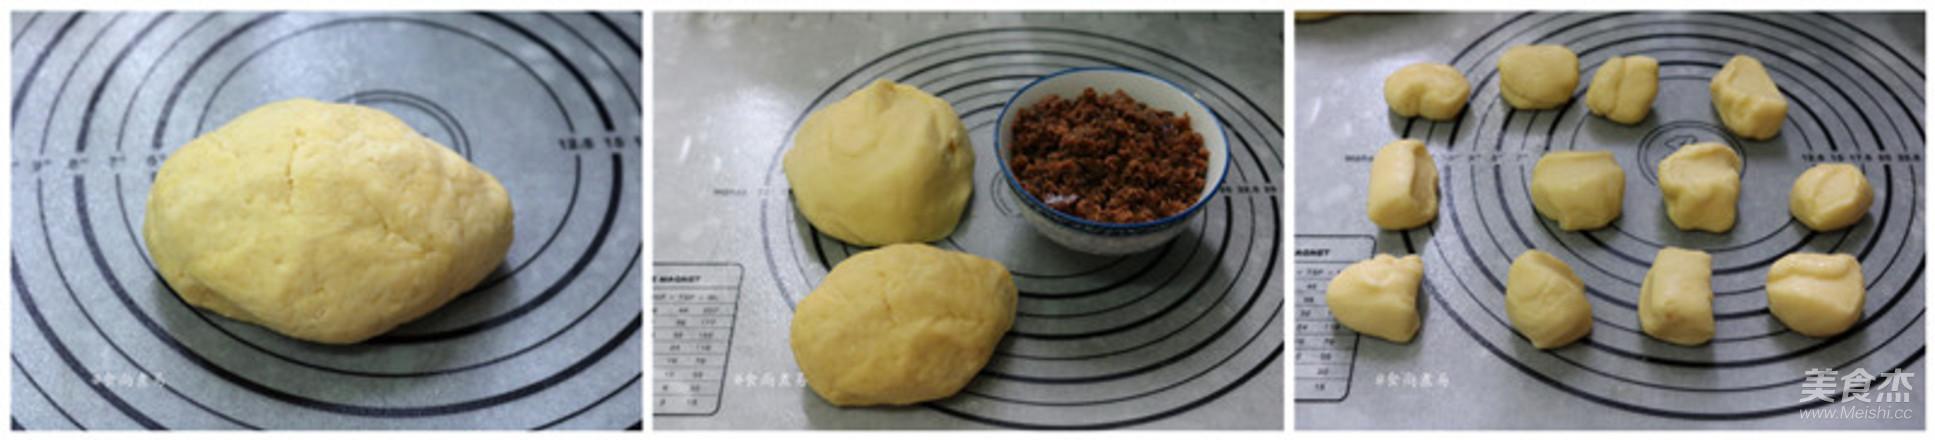 麻糬绿豆酥的做法图解